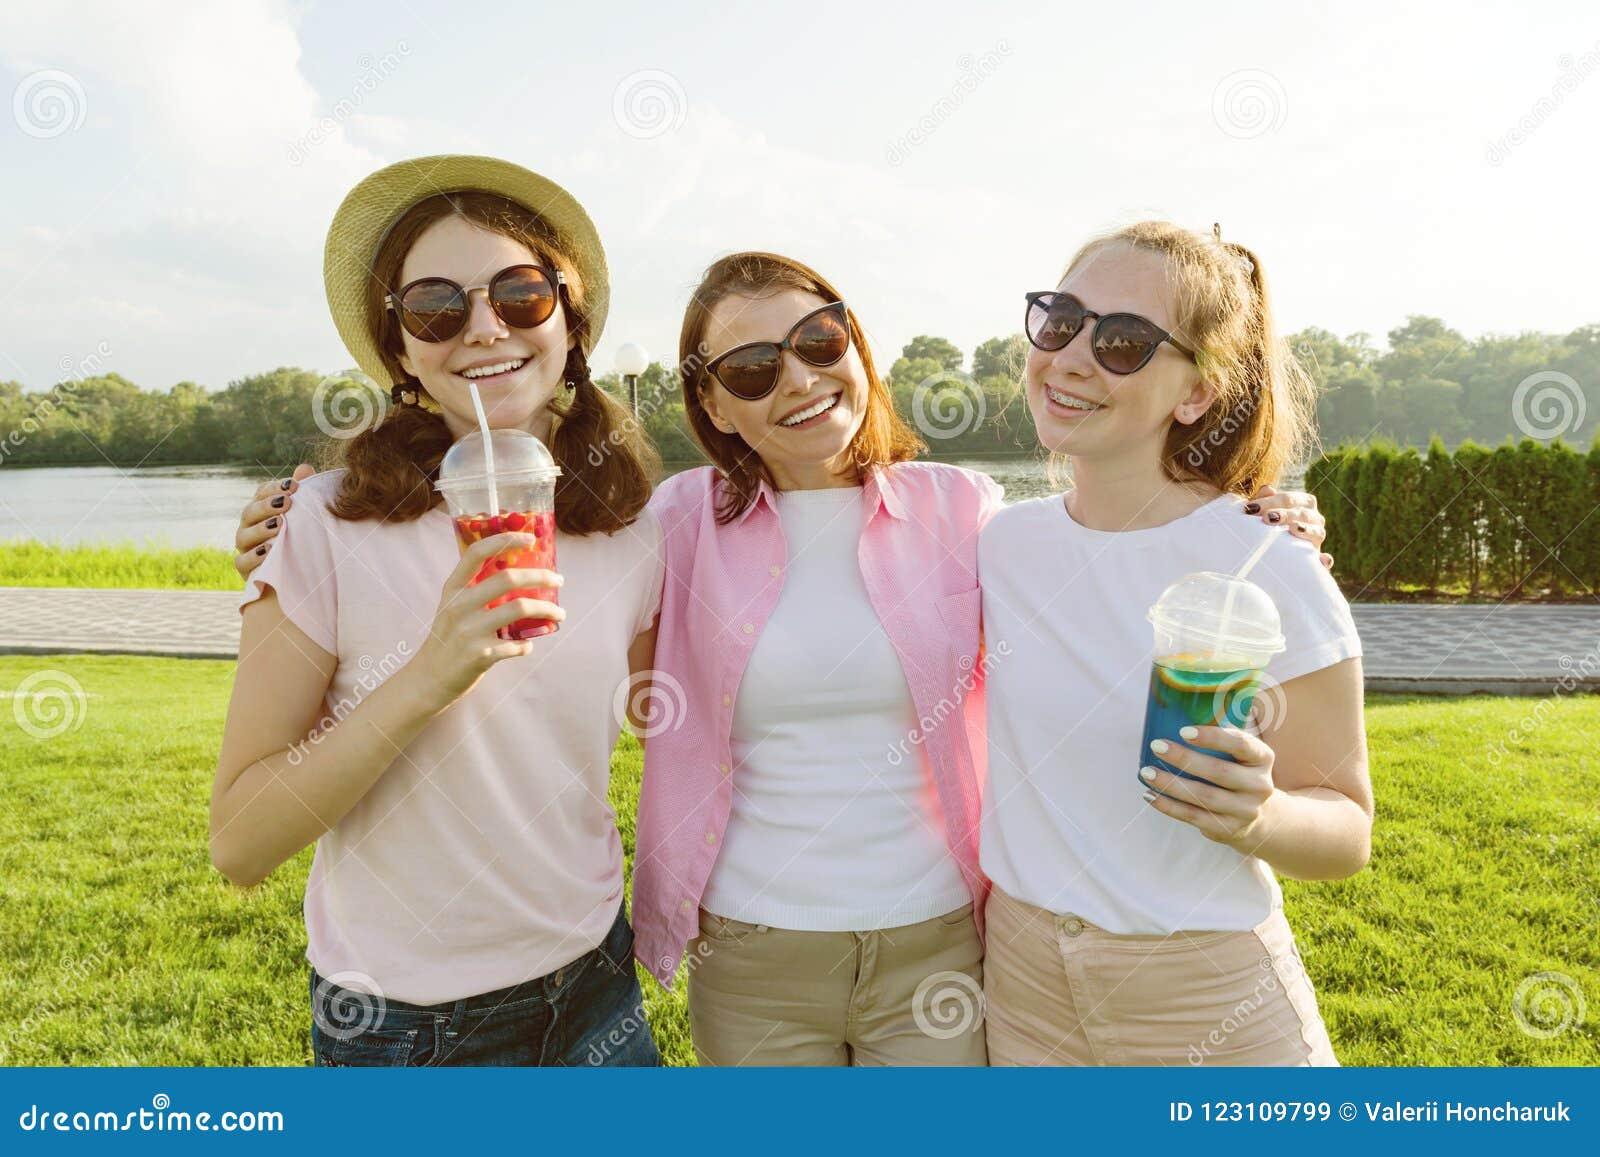 Portret van gelukkige moeder en dochterstieners 14 en 16 jaar oud, meisjes met de zomerdranken Achtergrondaard, recreatiegebied